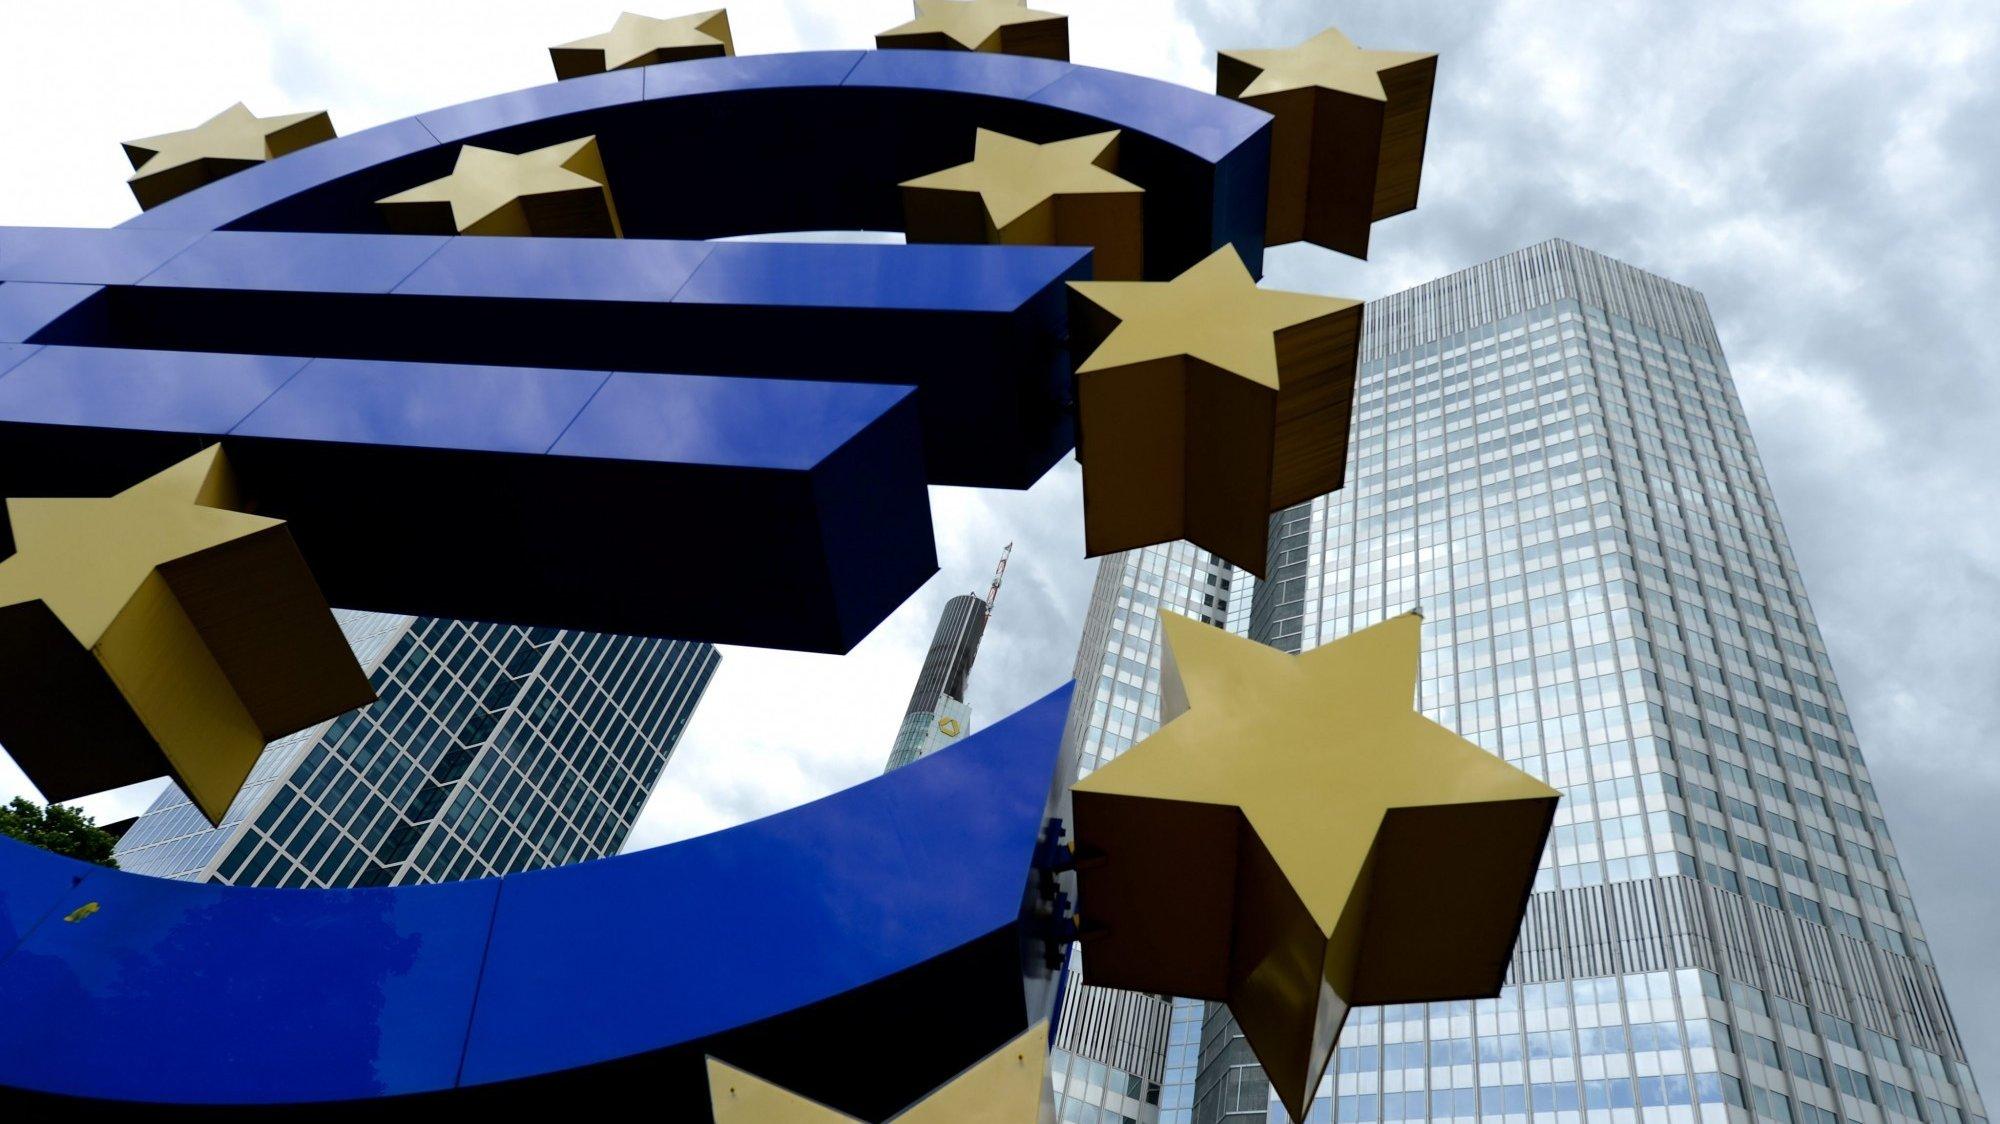 Escultura do Euro no Banco Central Europeu